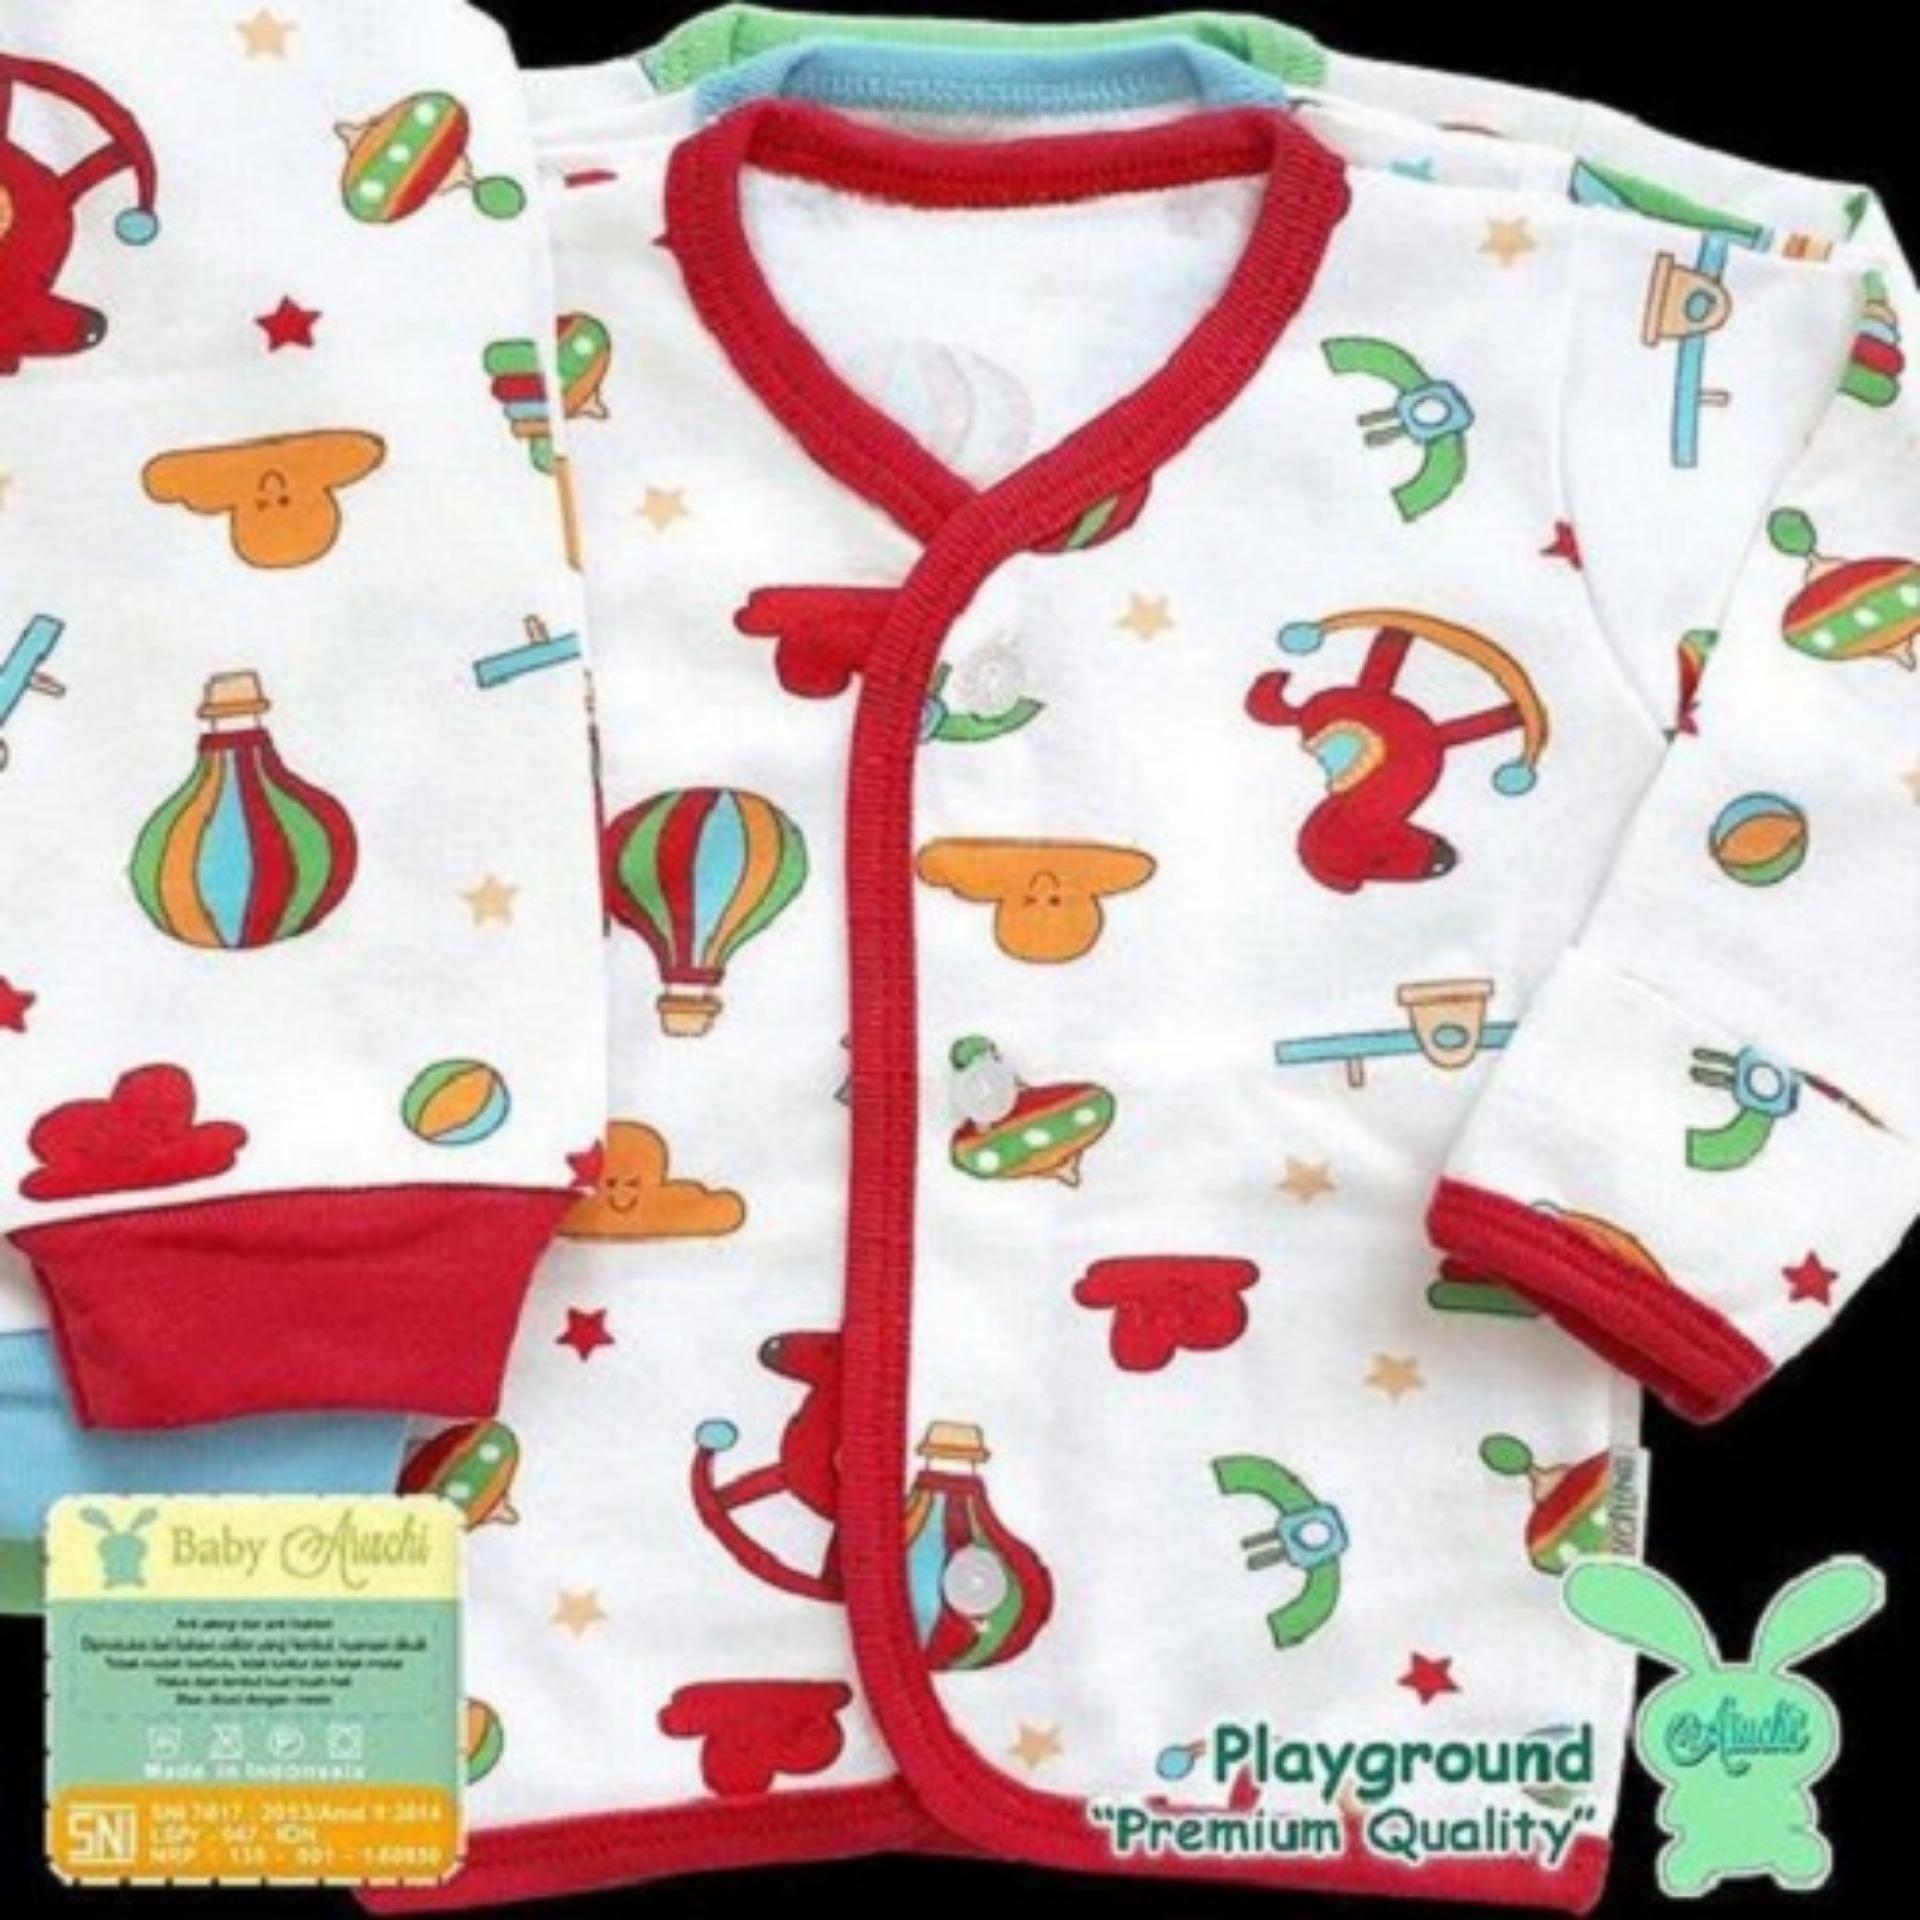 Softex Paket Hemat Maternity Pembalut Bersalin 45cm 10 2 Pcs 2pak 20 Bonus Sml Depan Pj Setelan Playground Aruchi